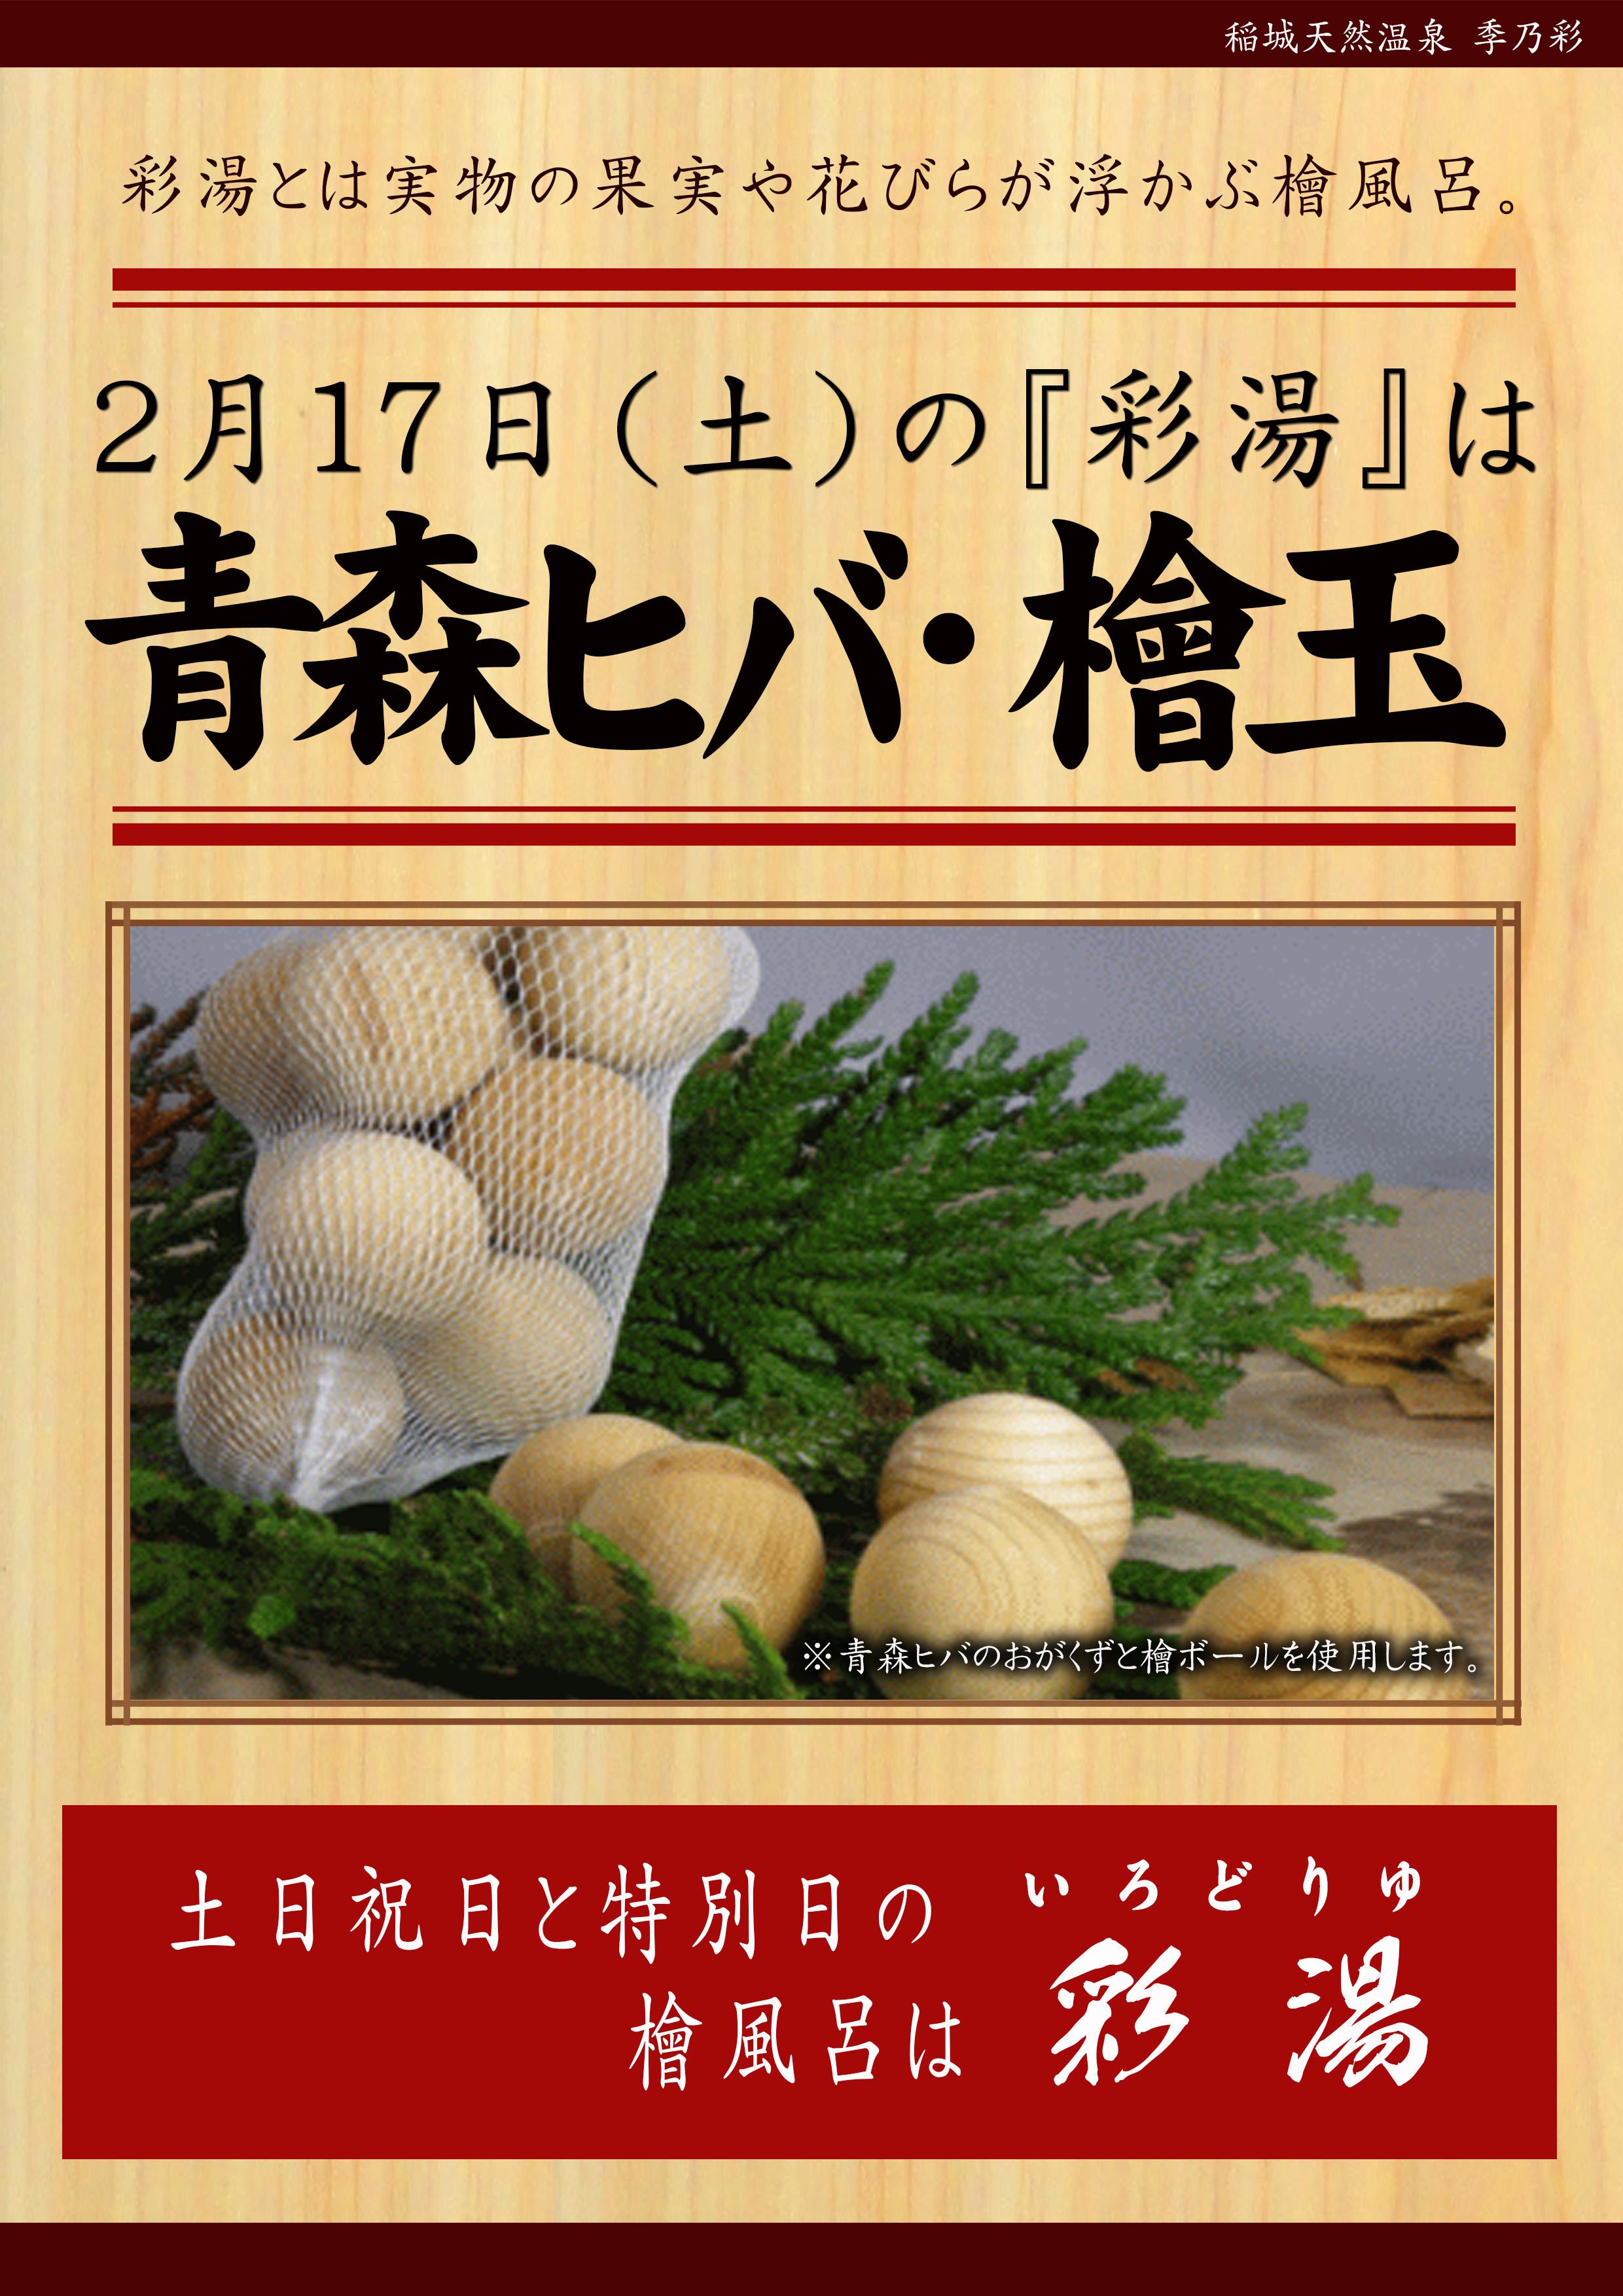 20180217POP イベント 彩湯 青森ヒバ&檜ボール